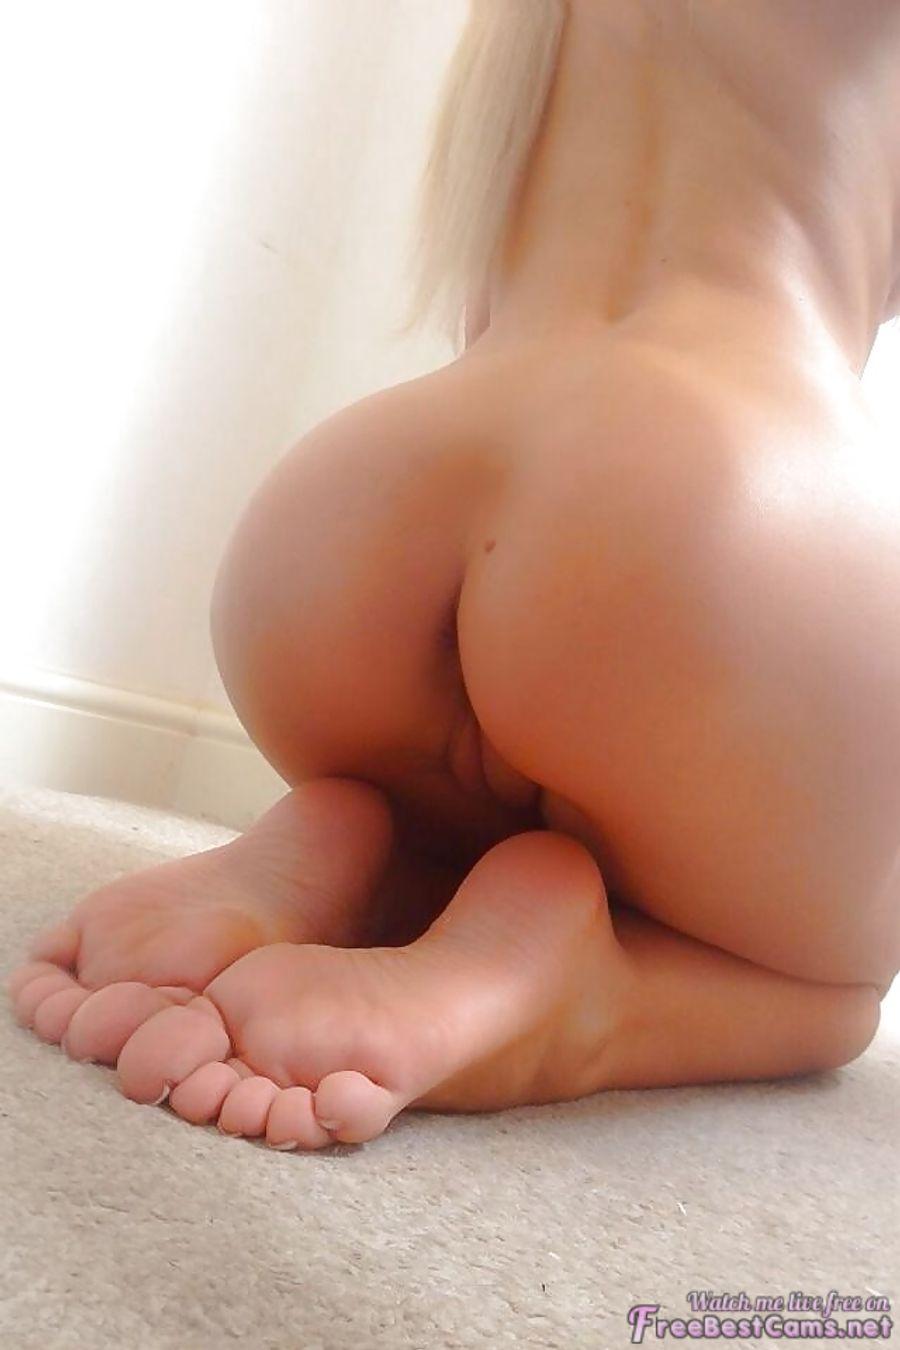 Butts bare feet